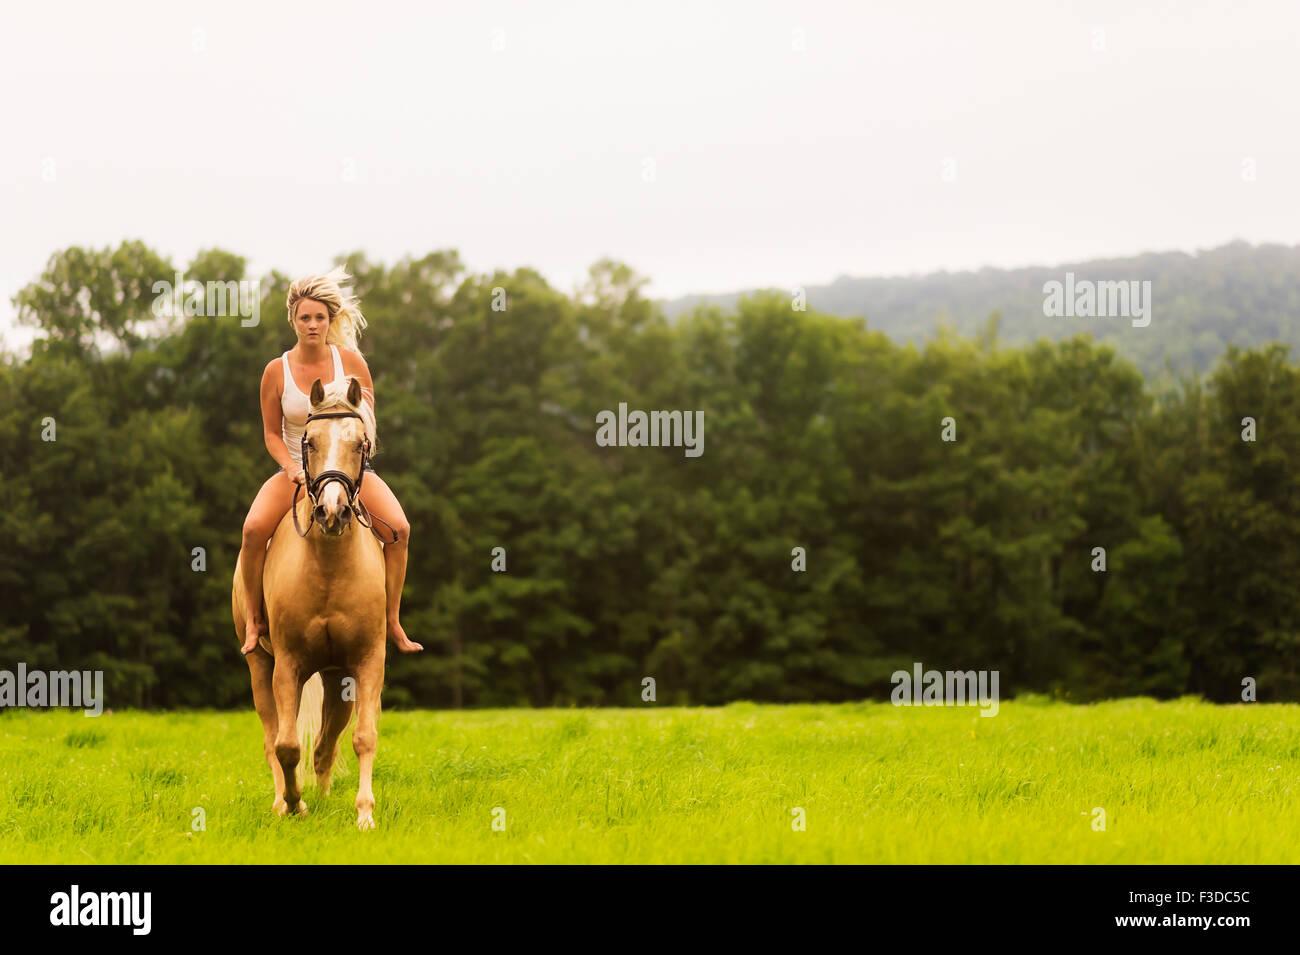 La donna a cavallo nella campagna Foto Stock